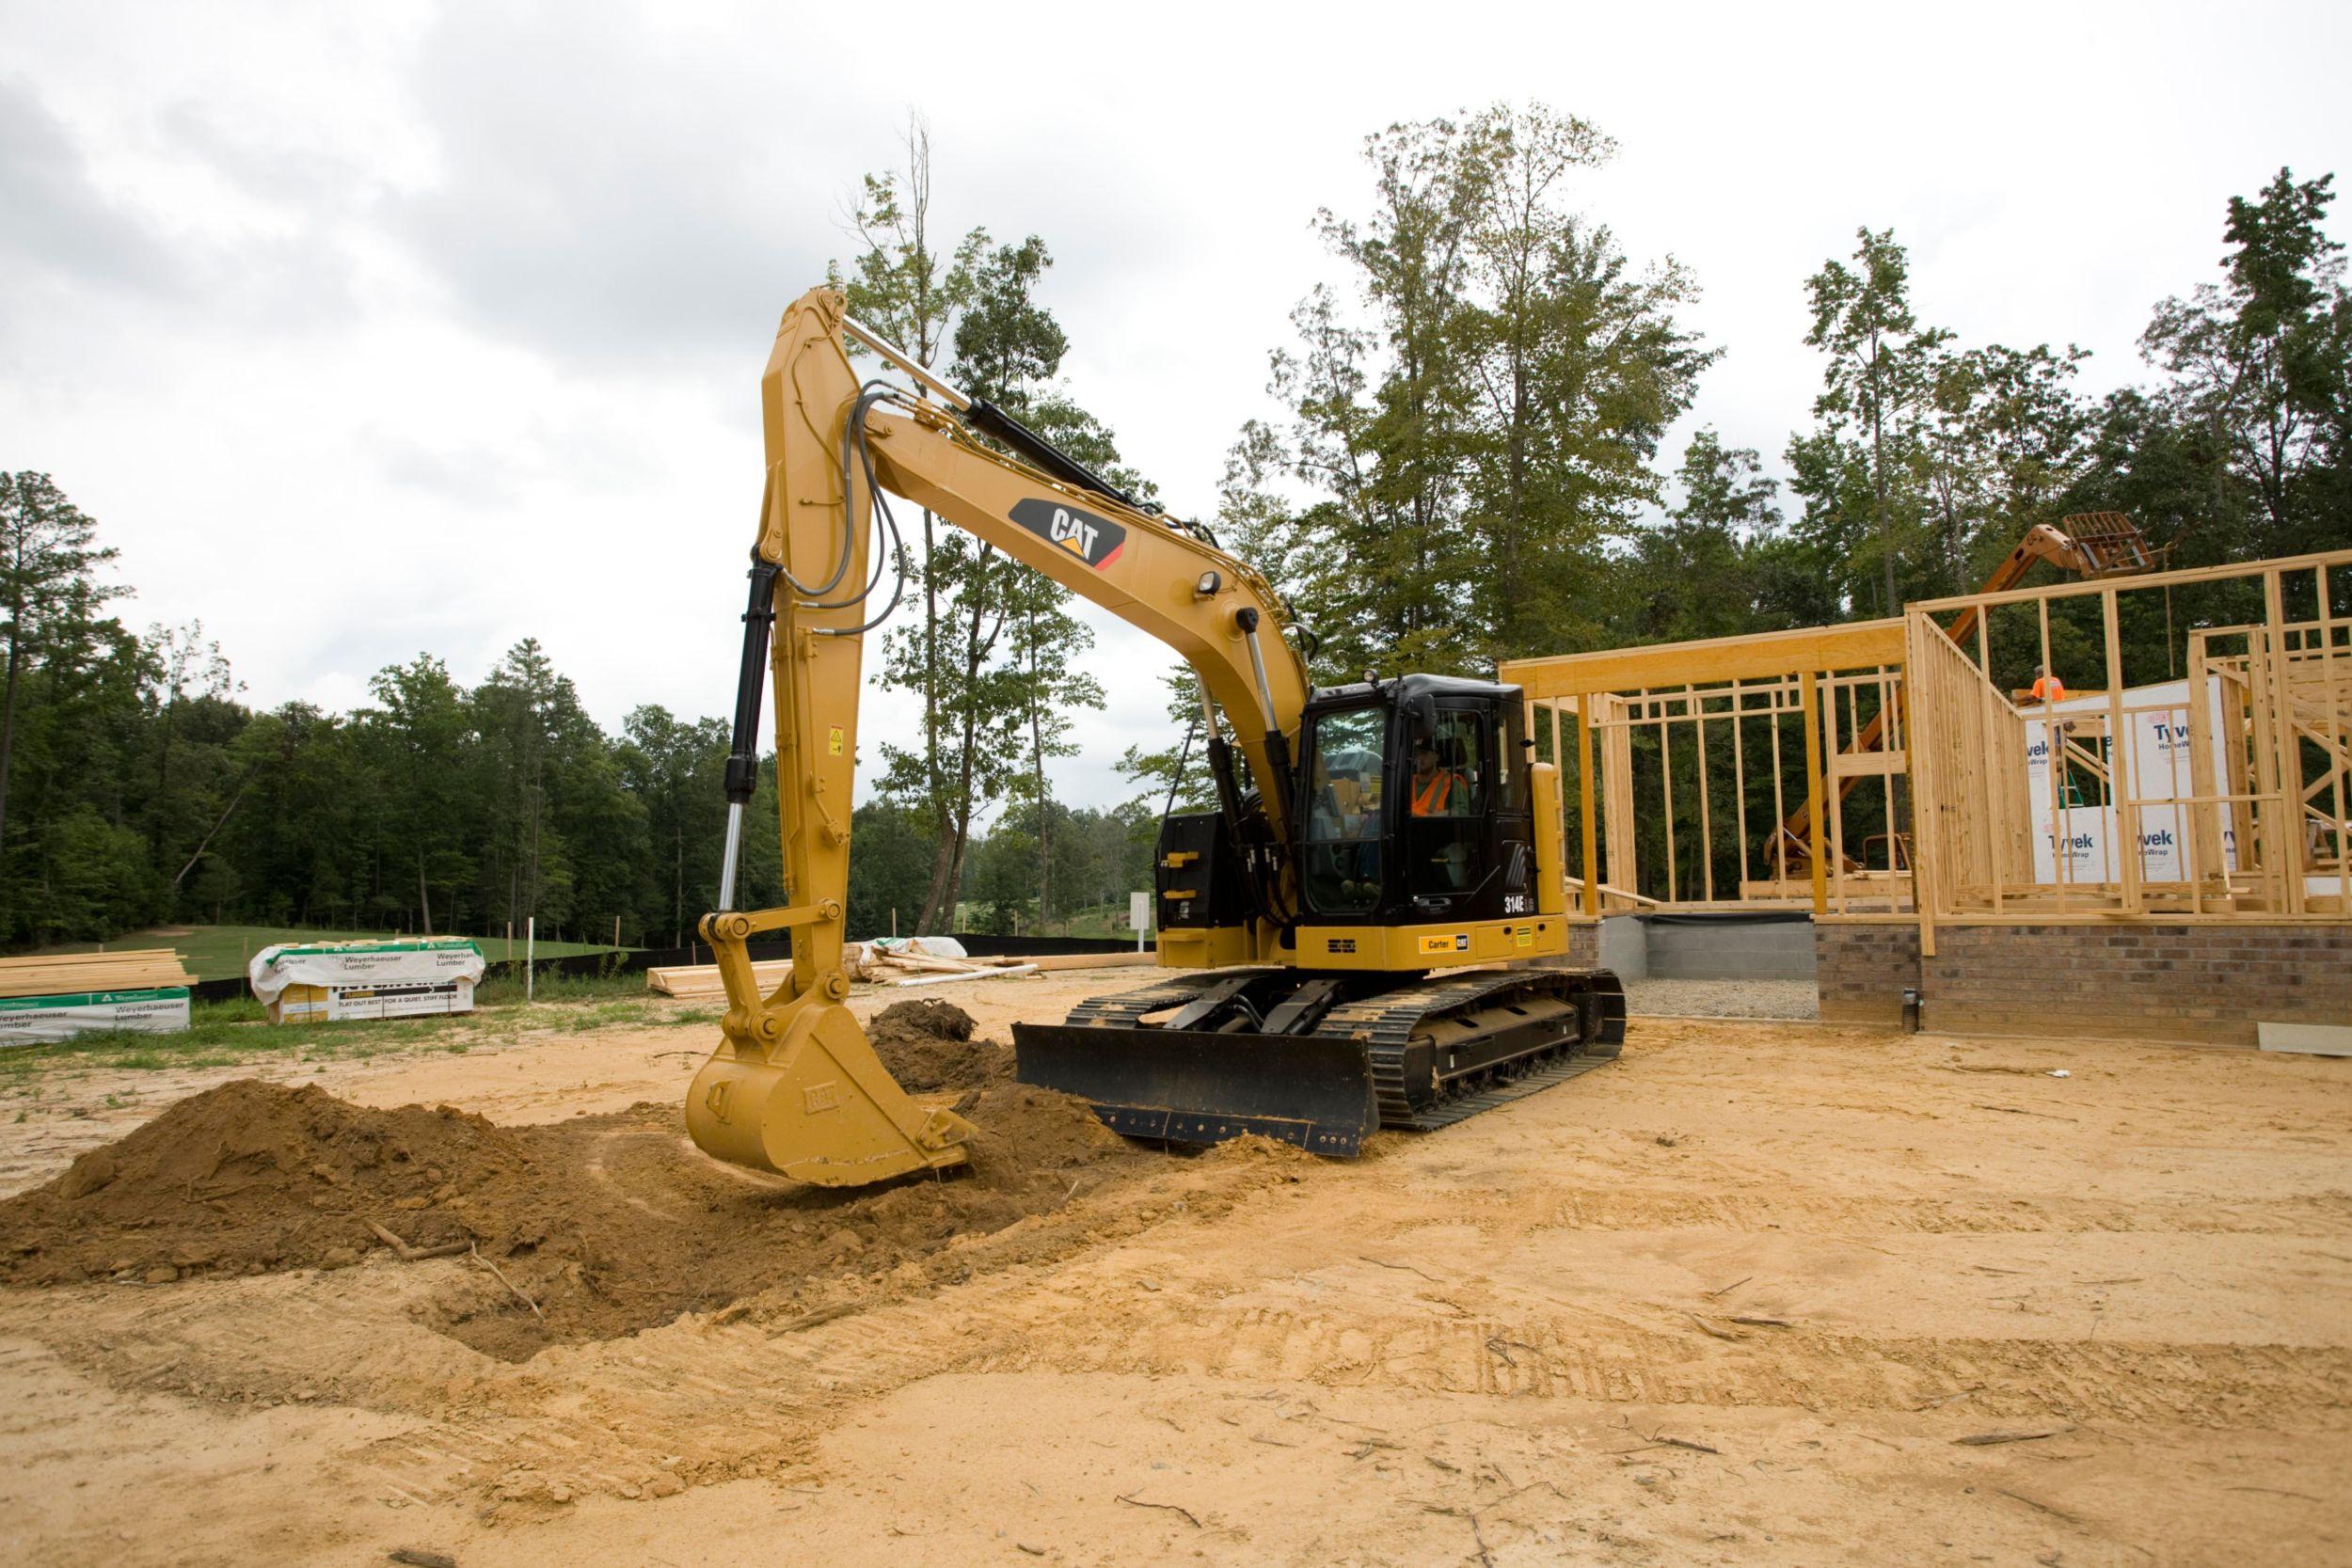 314E L CR Small Excavator